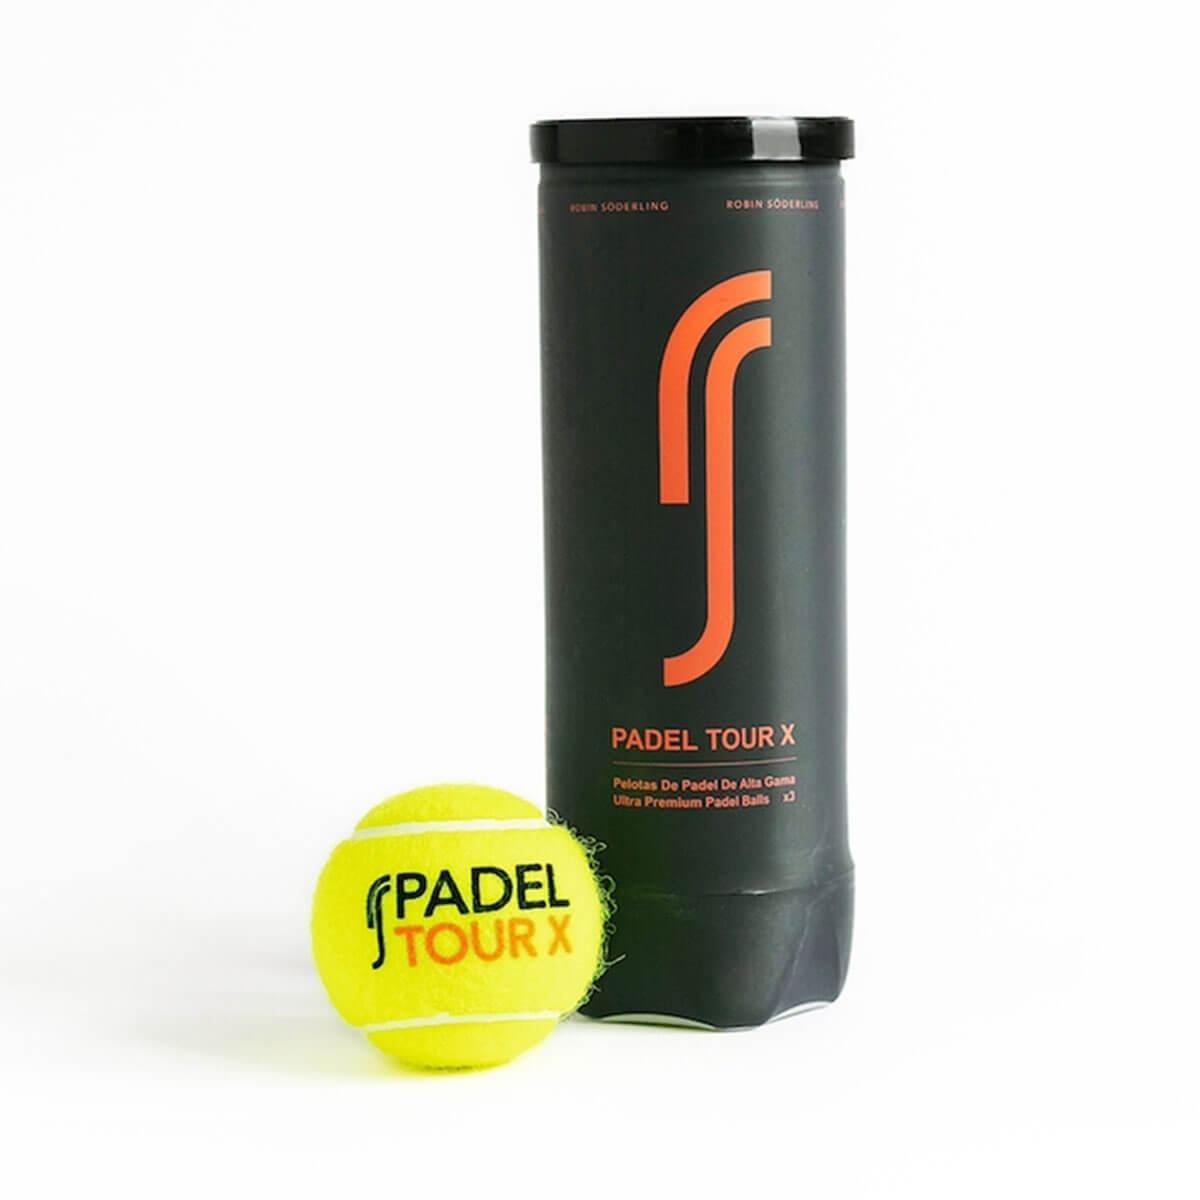 Padel tour x